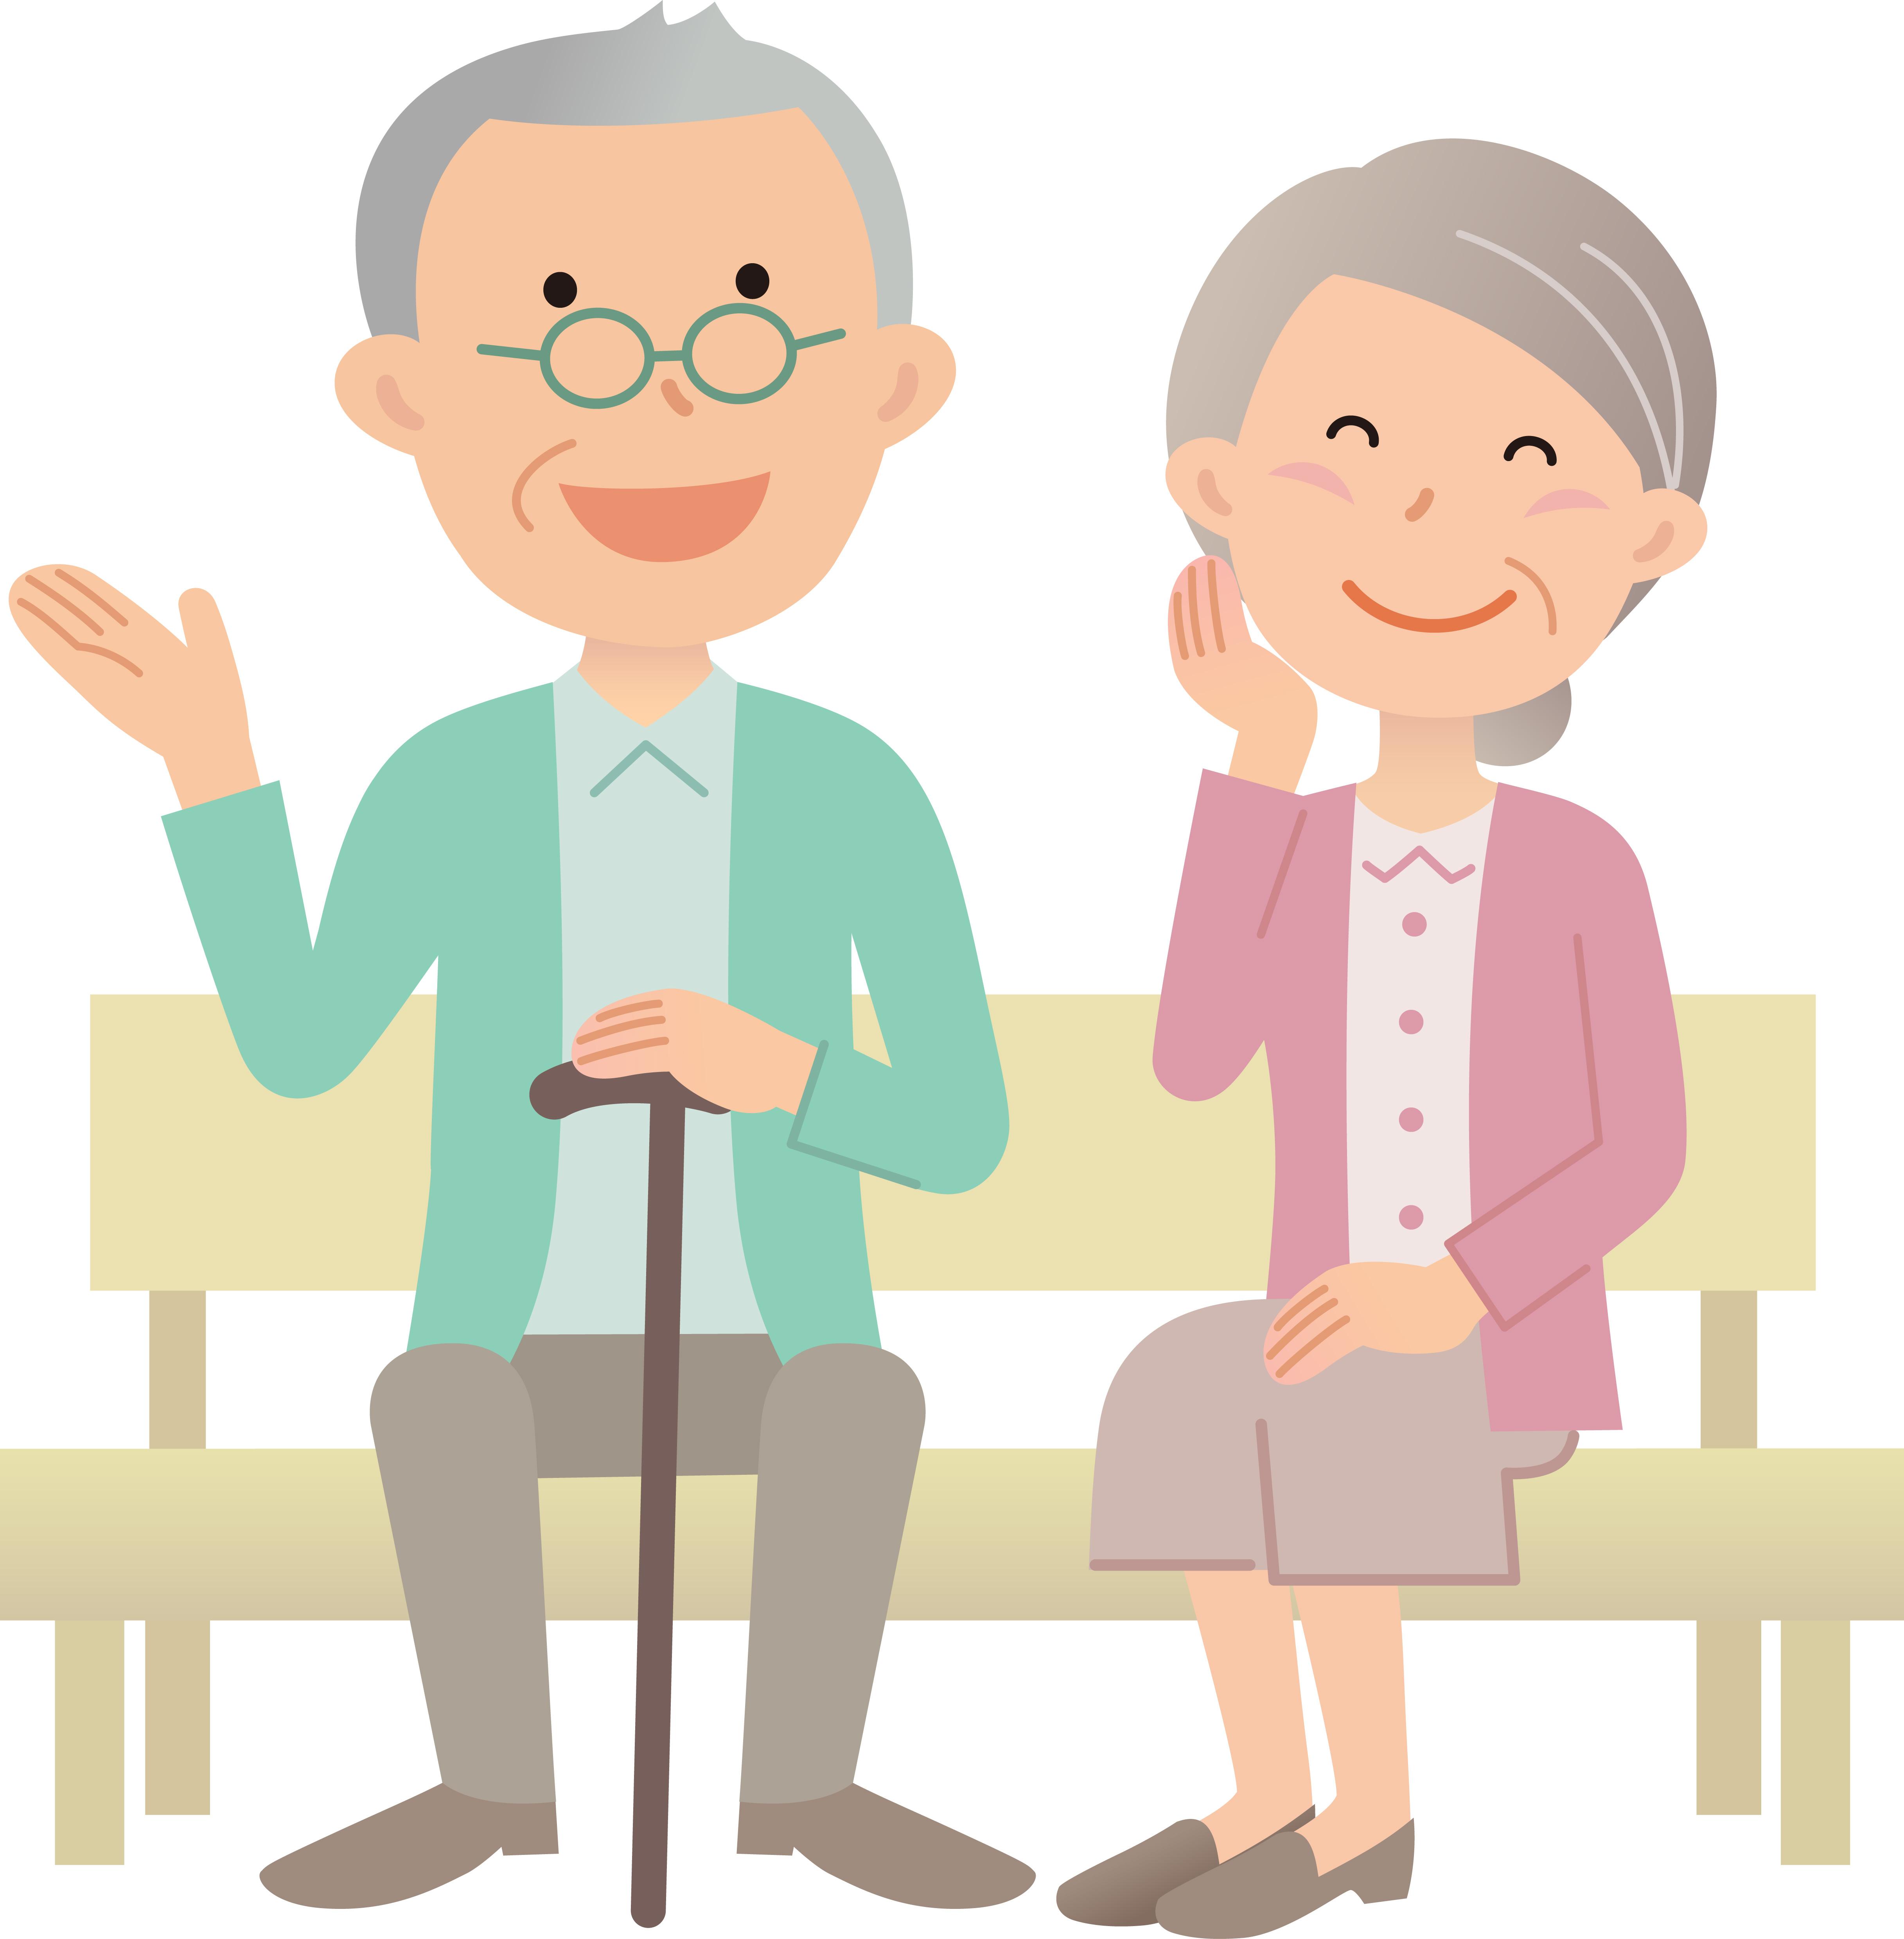 有料老人ホームで入居者同士の恋愛?恋が芽生えた瞬間